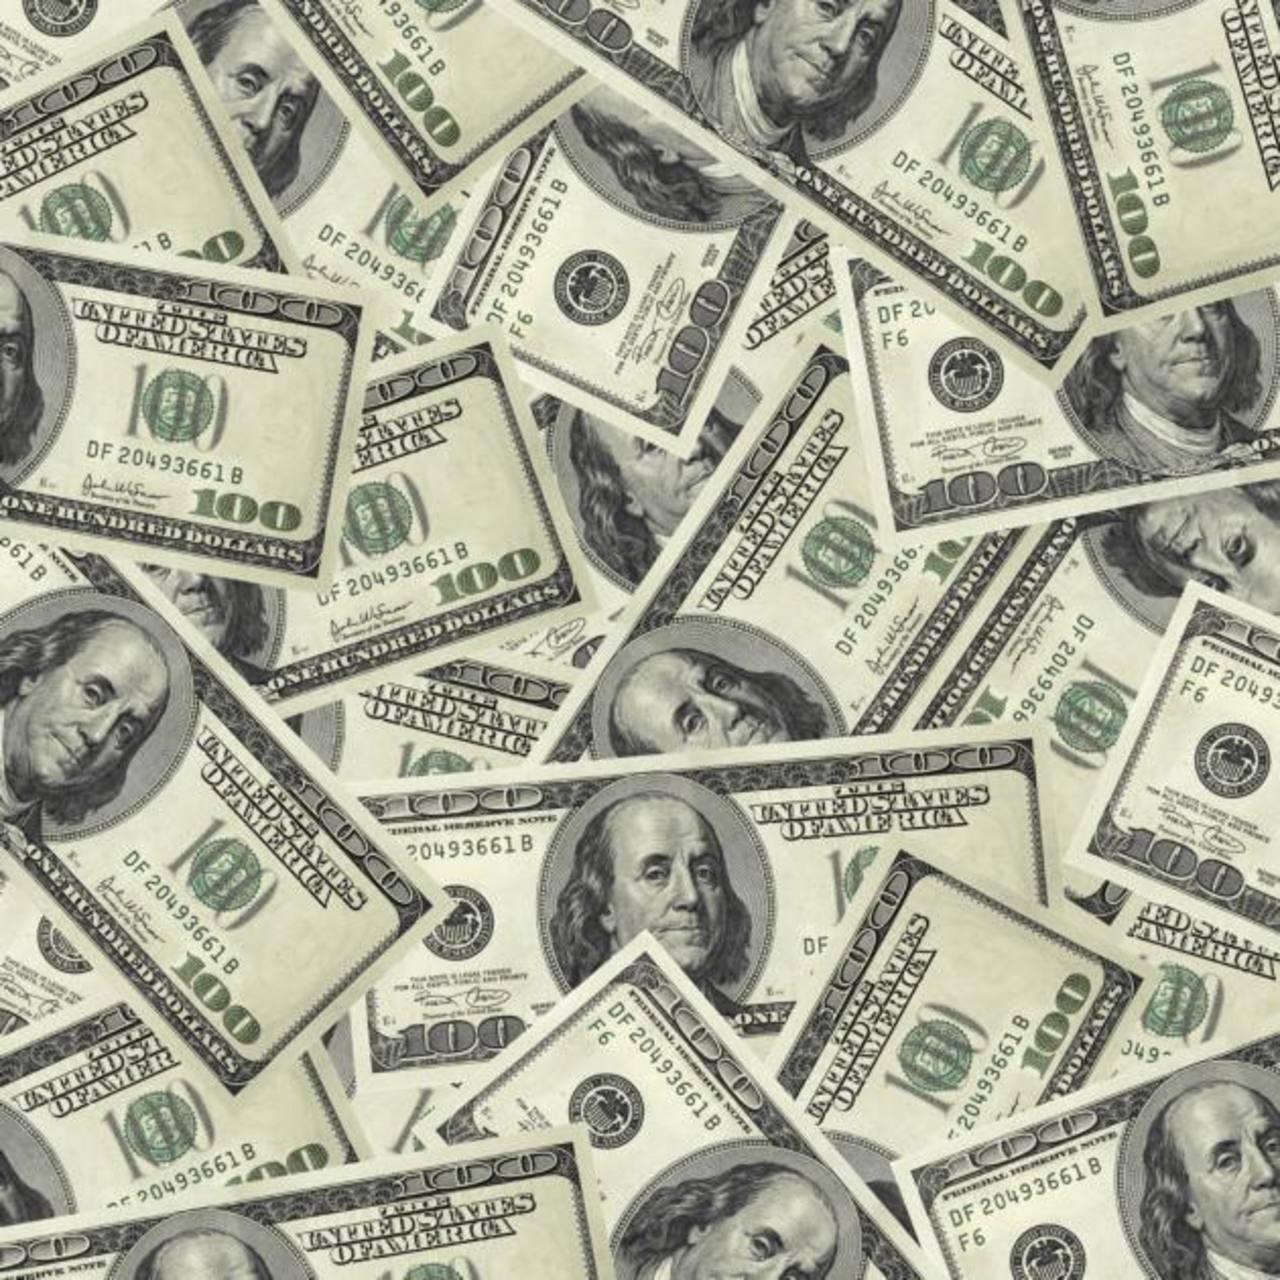 Un retiro masivo de dólares de los mercados devaluaría las monedas de A.L. foto edh / archivo